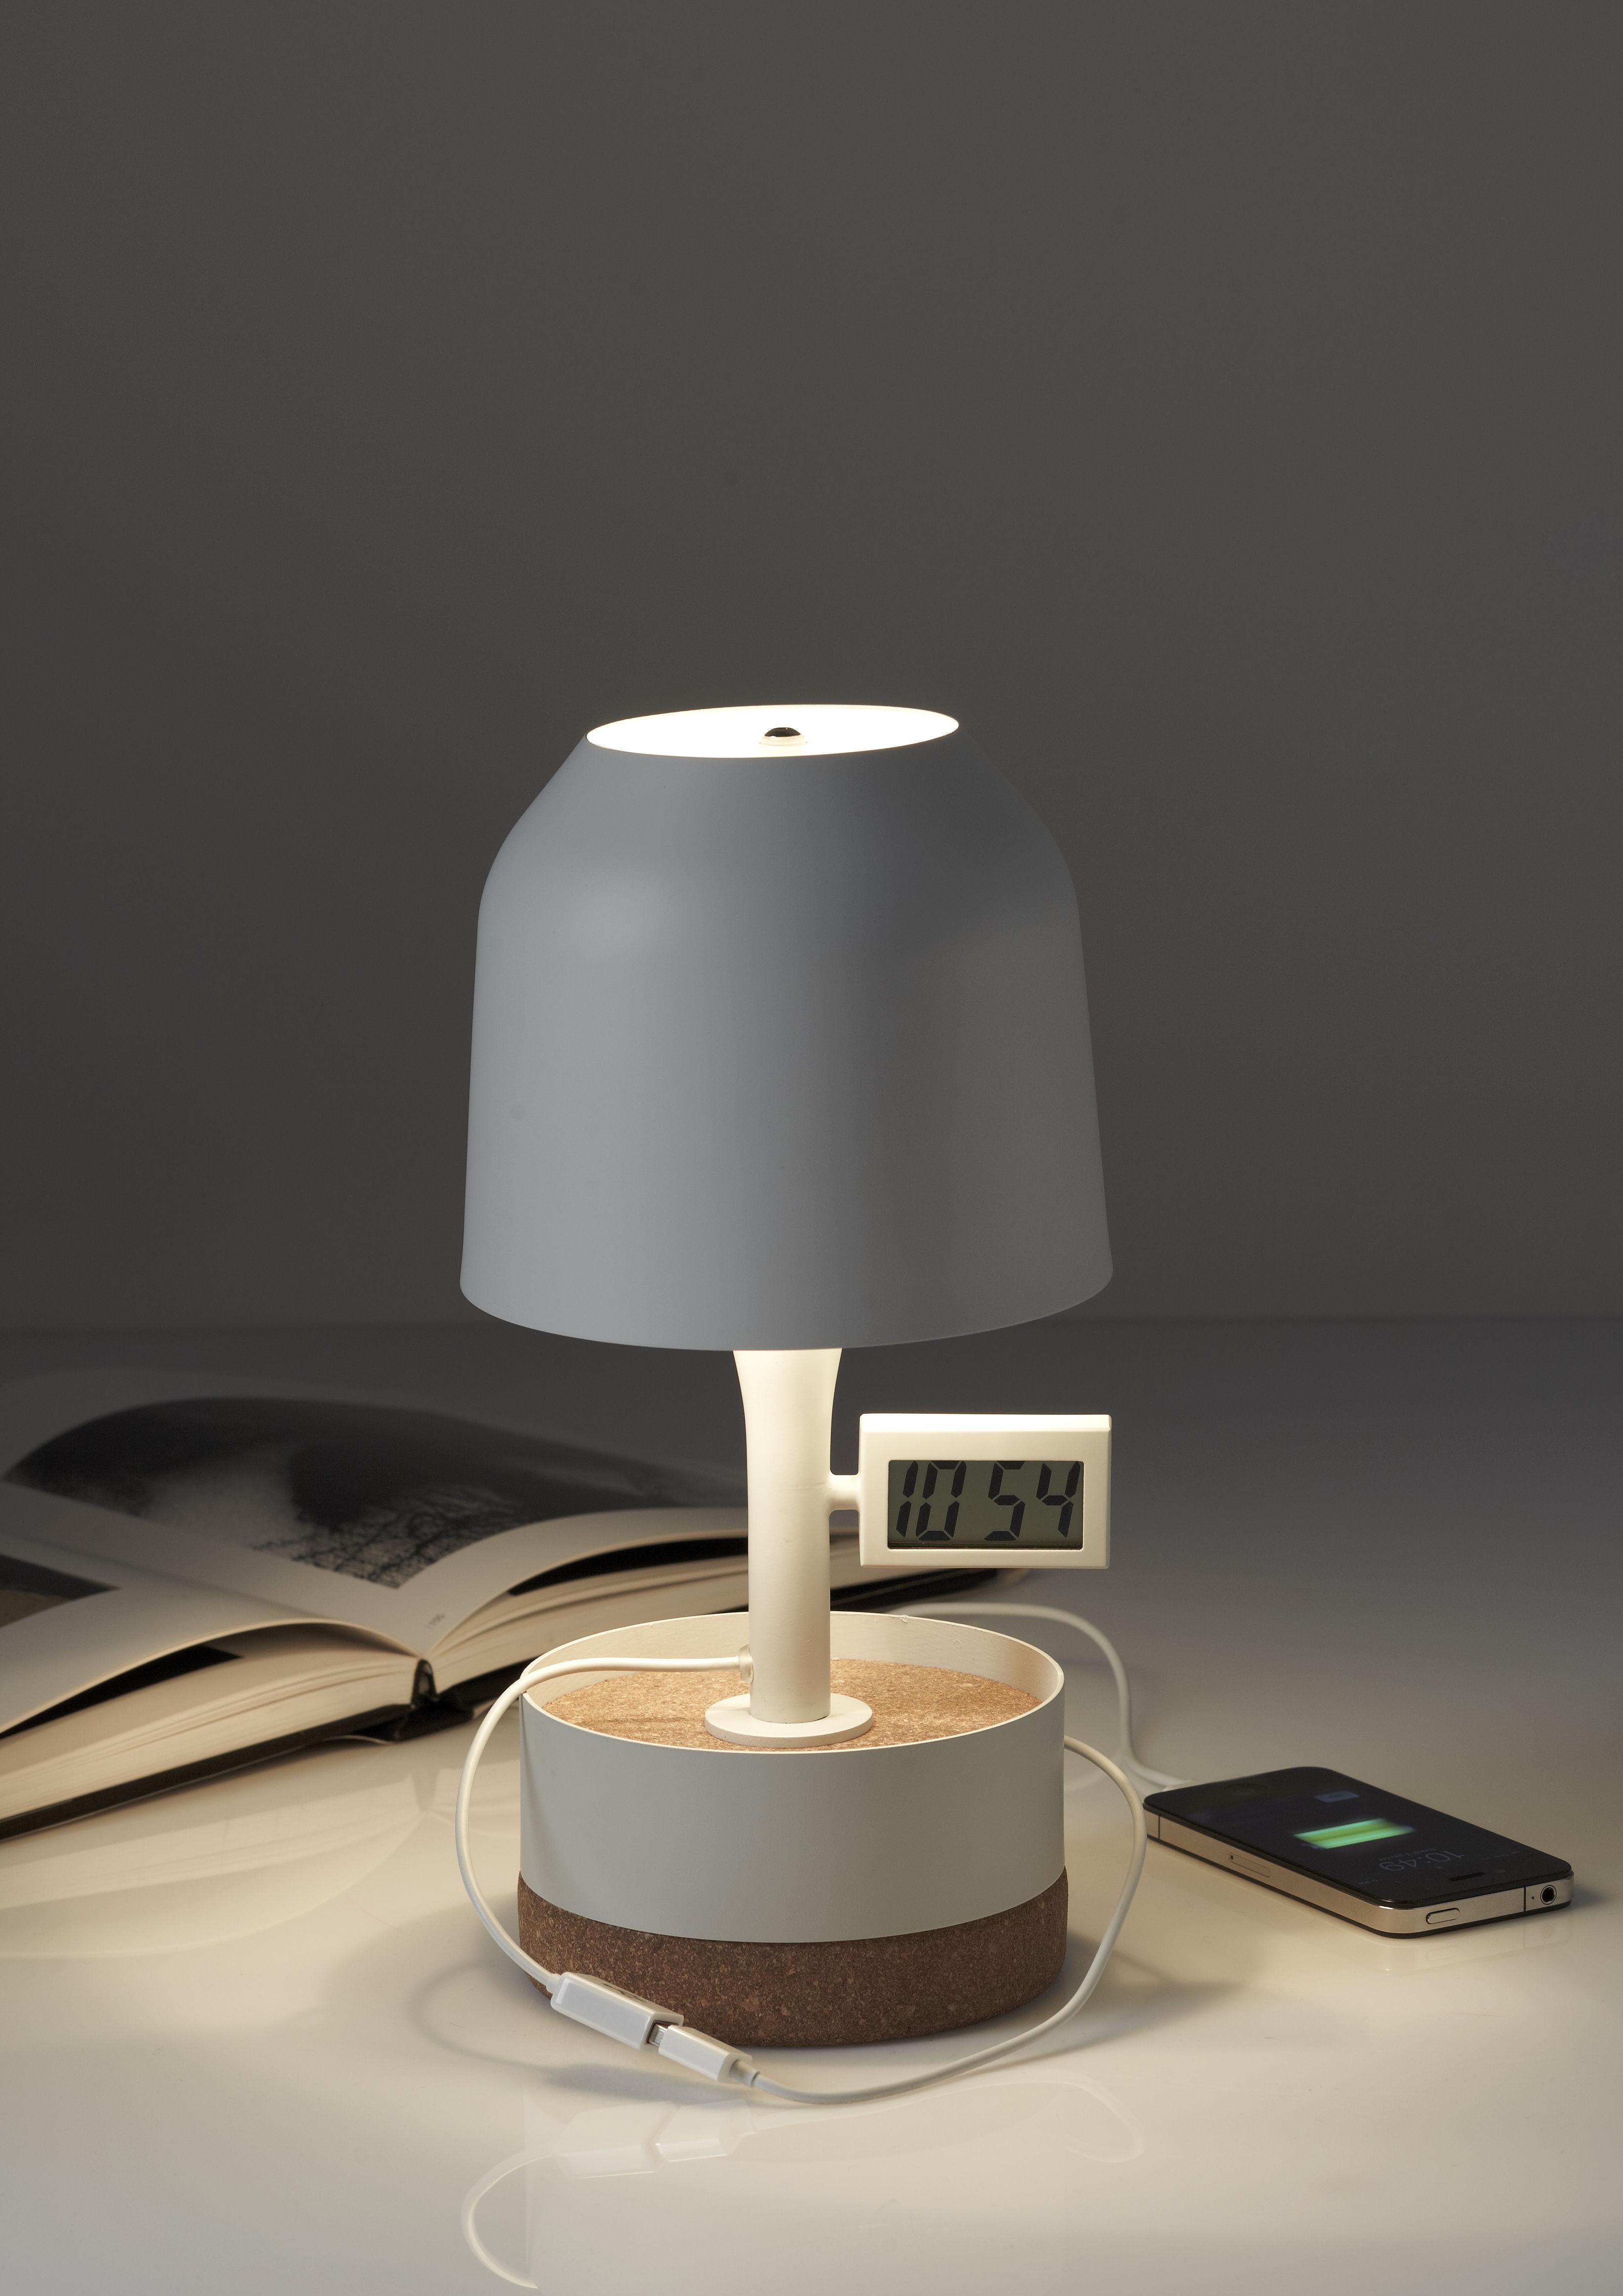 Lampe de table Hodge Podge / réveil & port USB intégrés